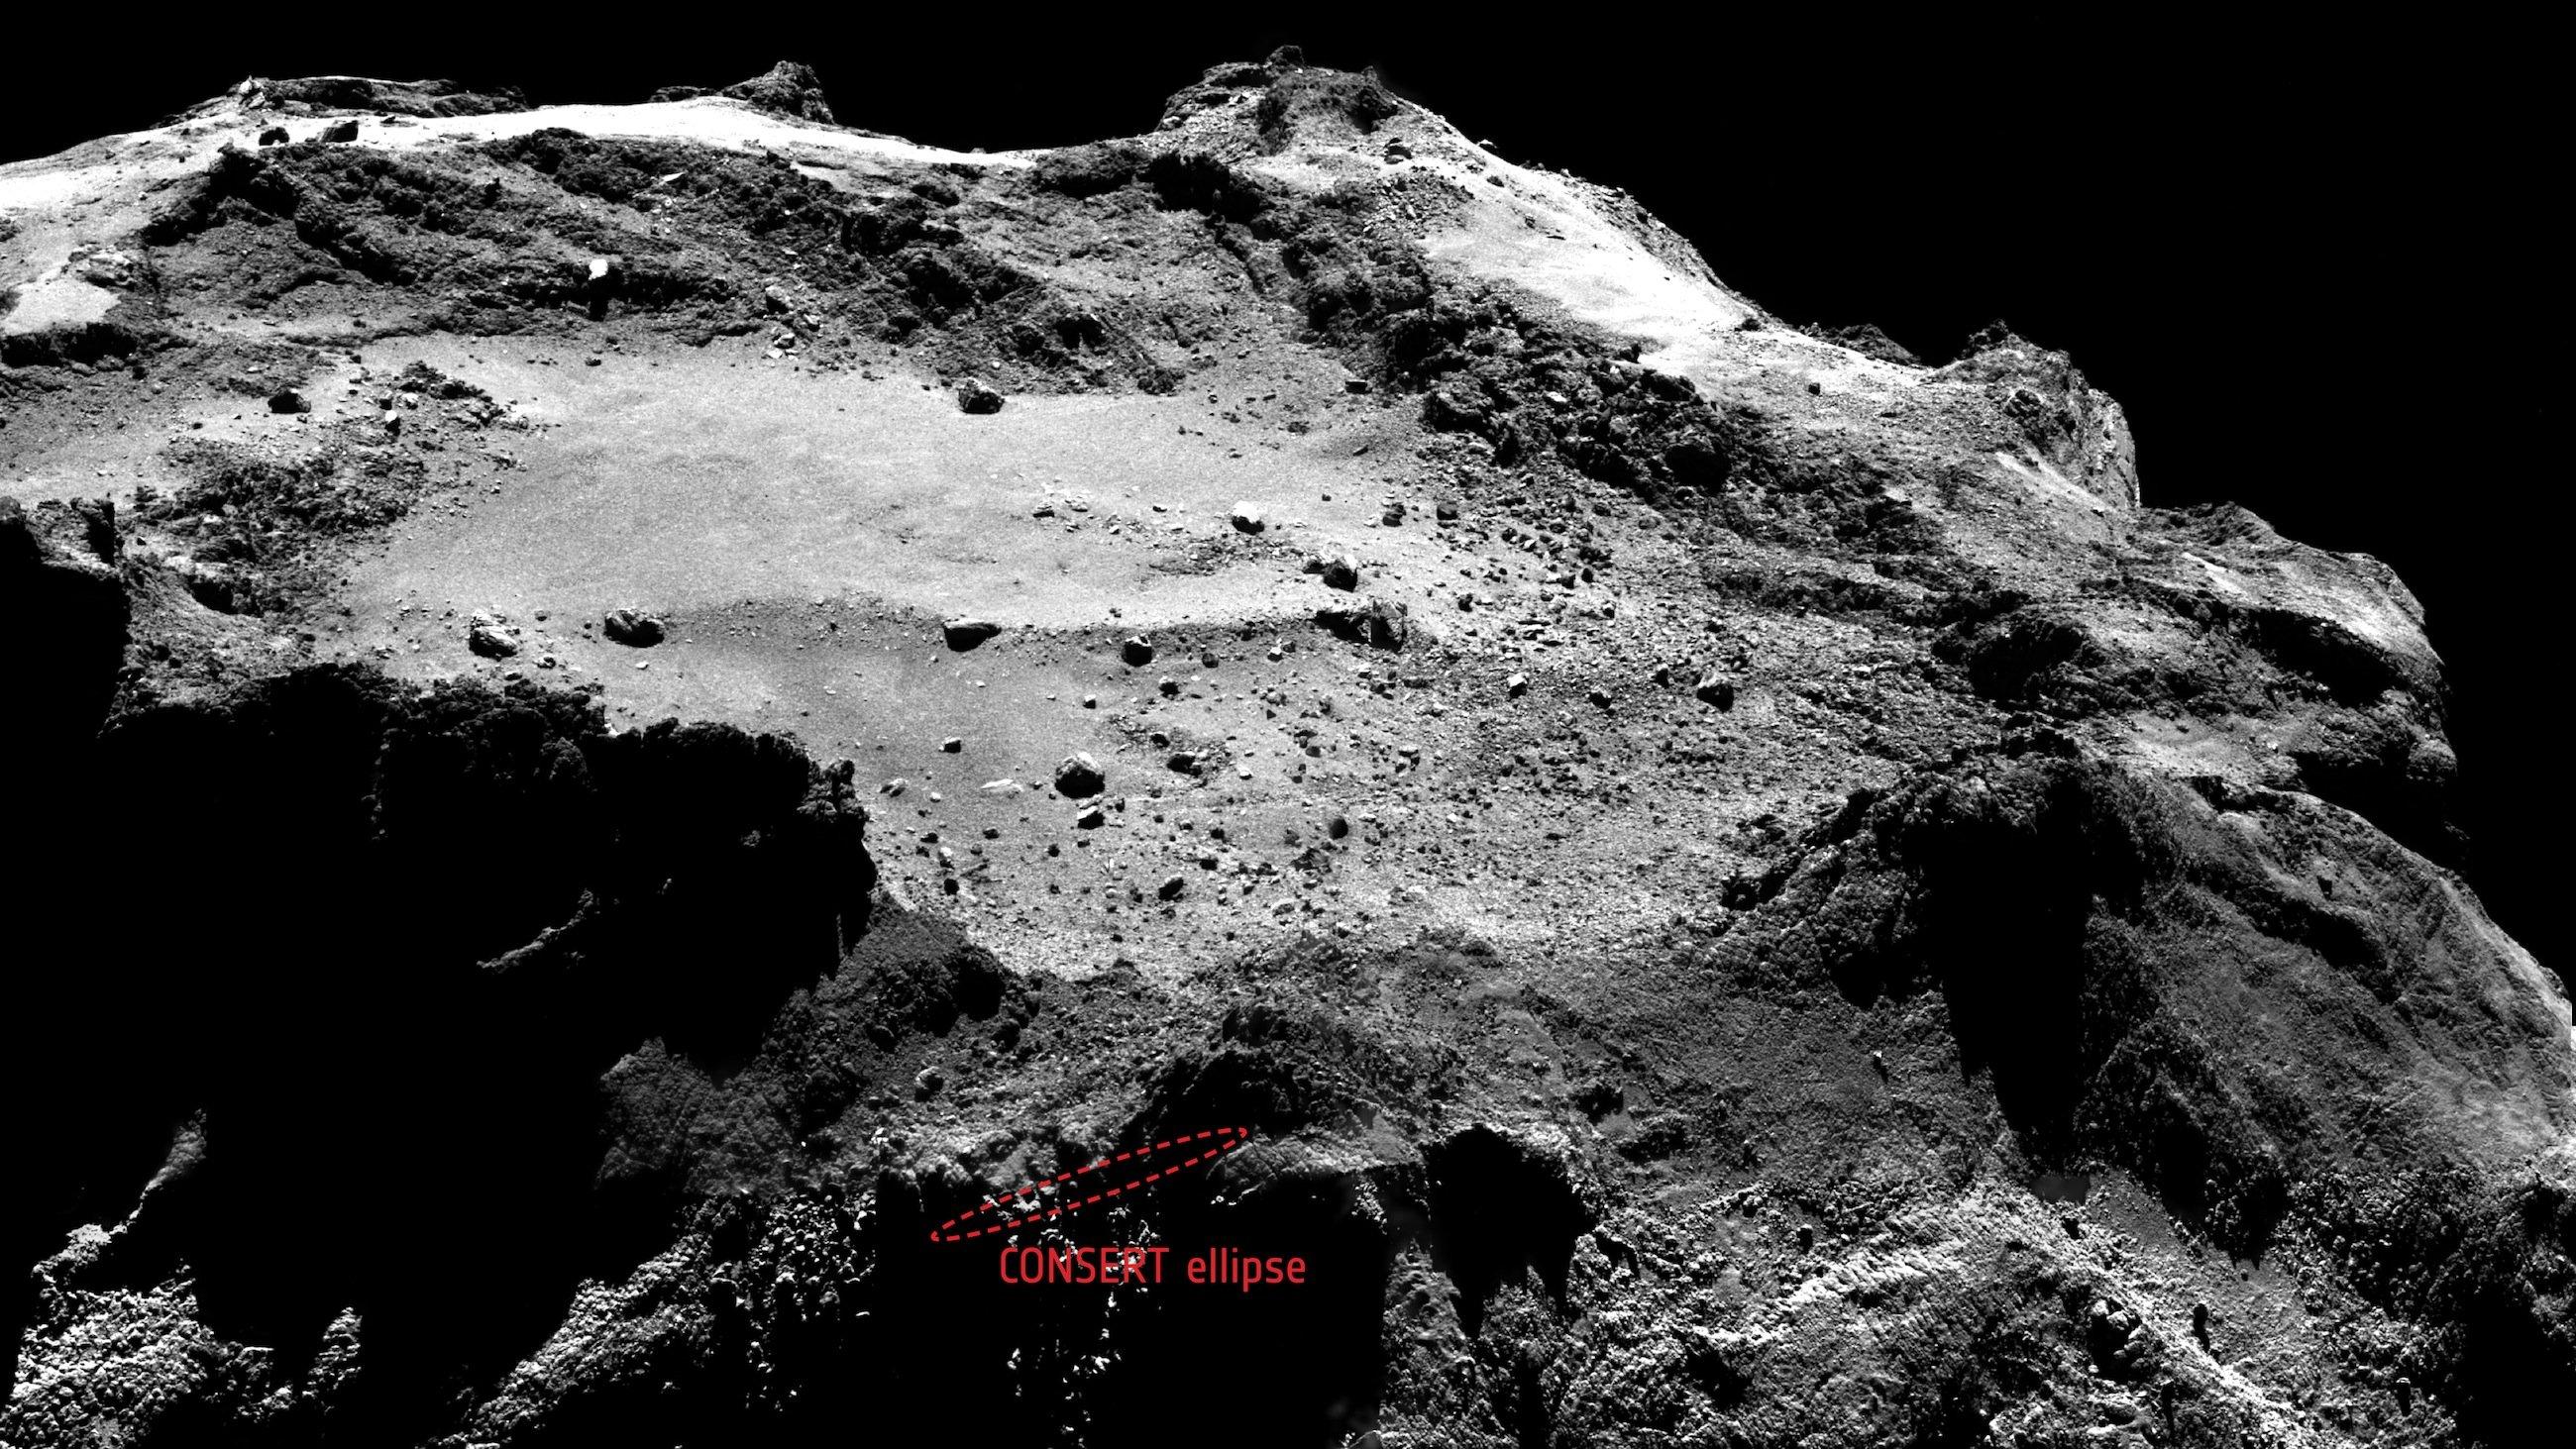 Mit Messungen des Instruments Consert, das sowohl auf Lander Philae als auch auf Orbiter Rosetta installiert ist, wurde der Standort von Philae auf dem Kometen Churyumov-Gerasimenko auf eine Ellipse von 16 mal 160 Metern eingegrenzt (rot markiert).